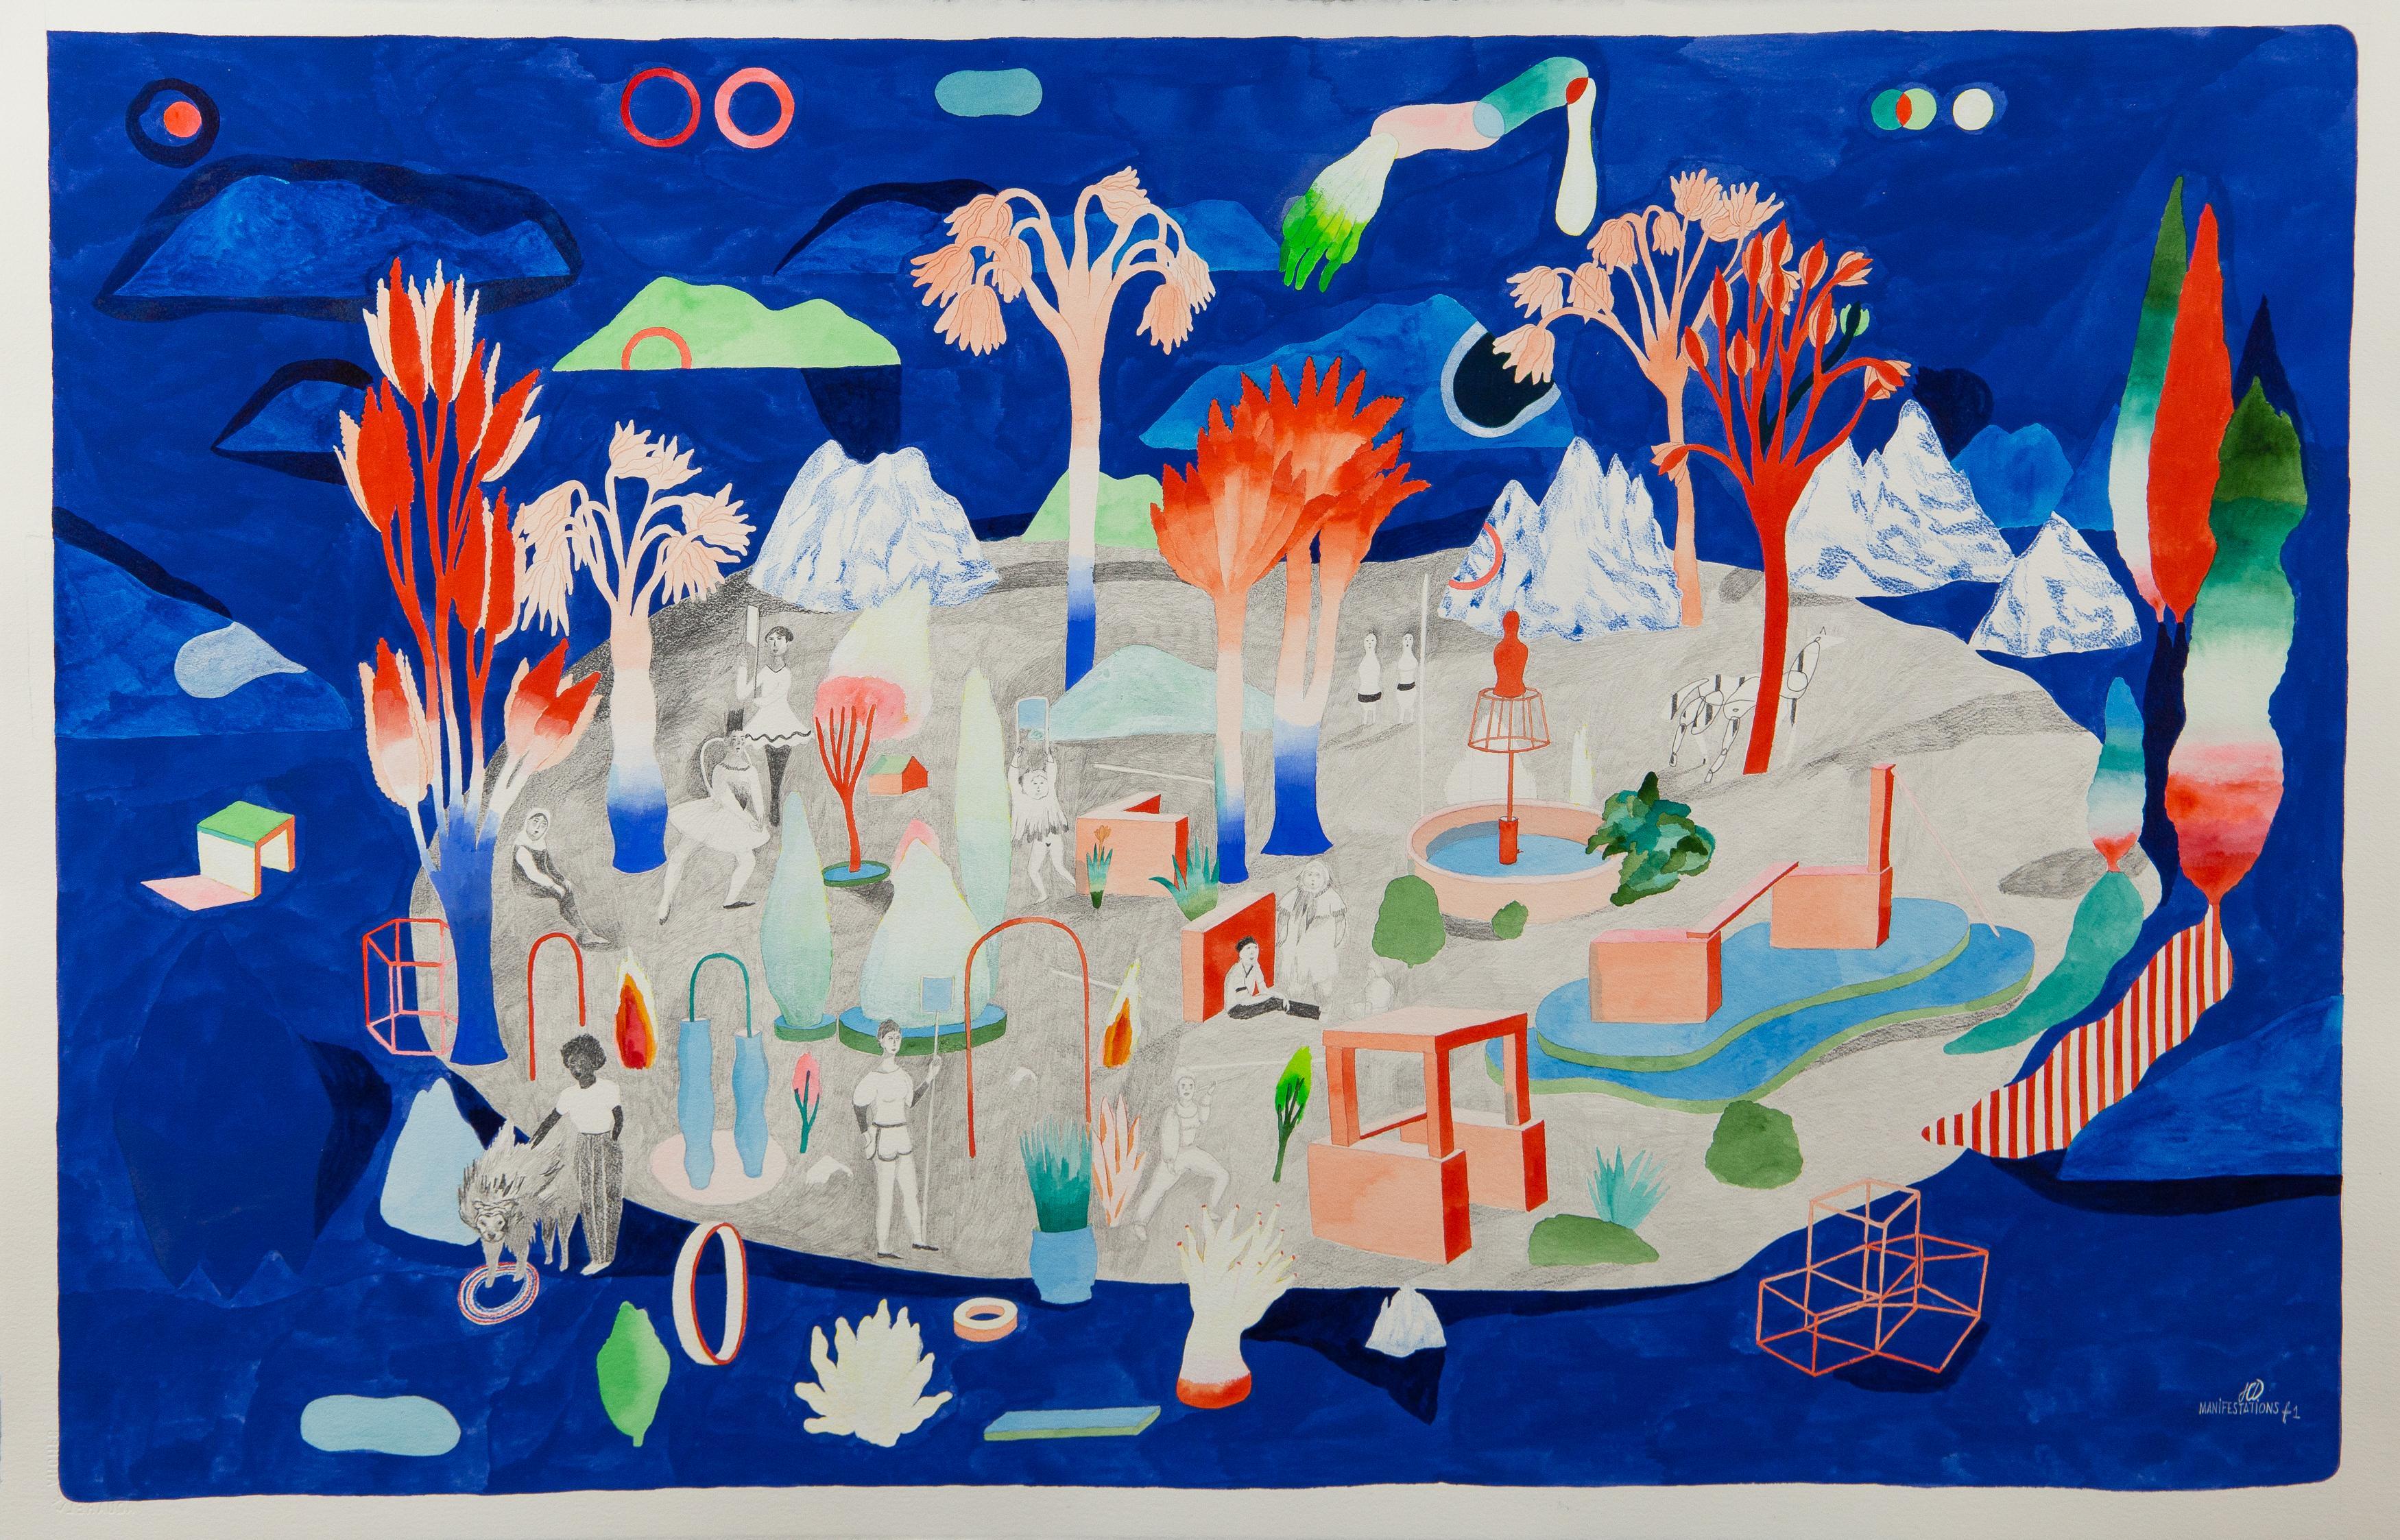 Demonstration #1 Hélène Duclos, 21st Century, Contemporary figurative art blue